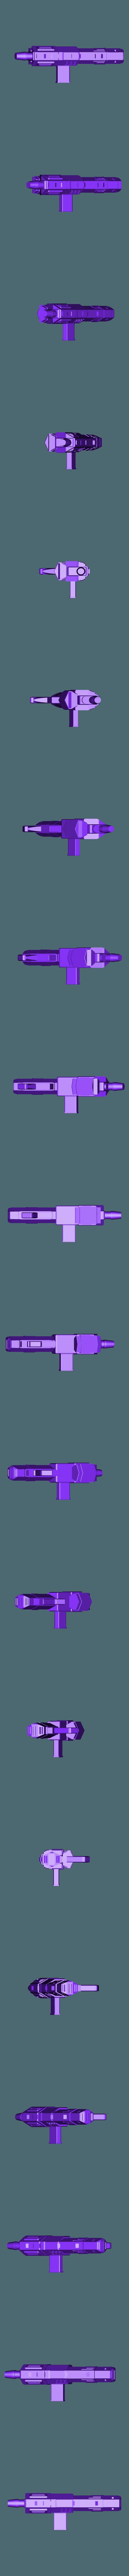 Blaster_Rifle.stl Télécharger fichier STL gratuit Commandos Republic Commandos Blasters • Plan pour impression 3D, mrhers2